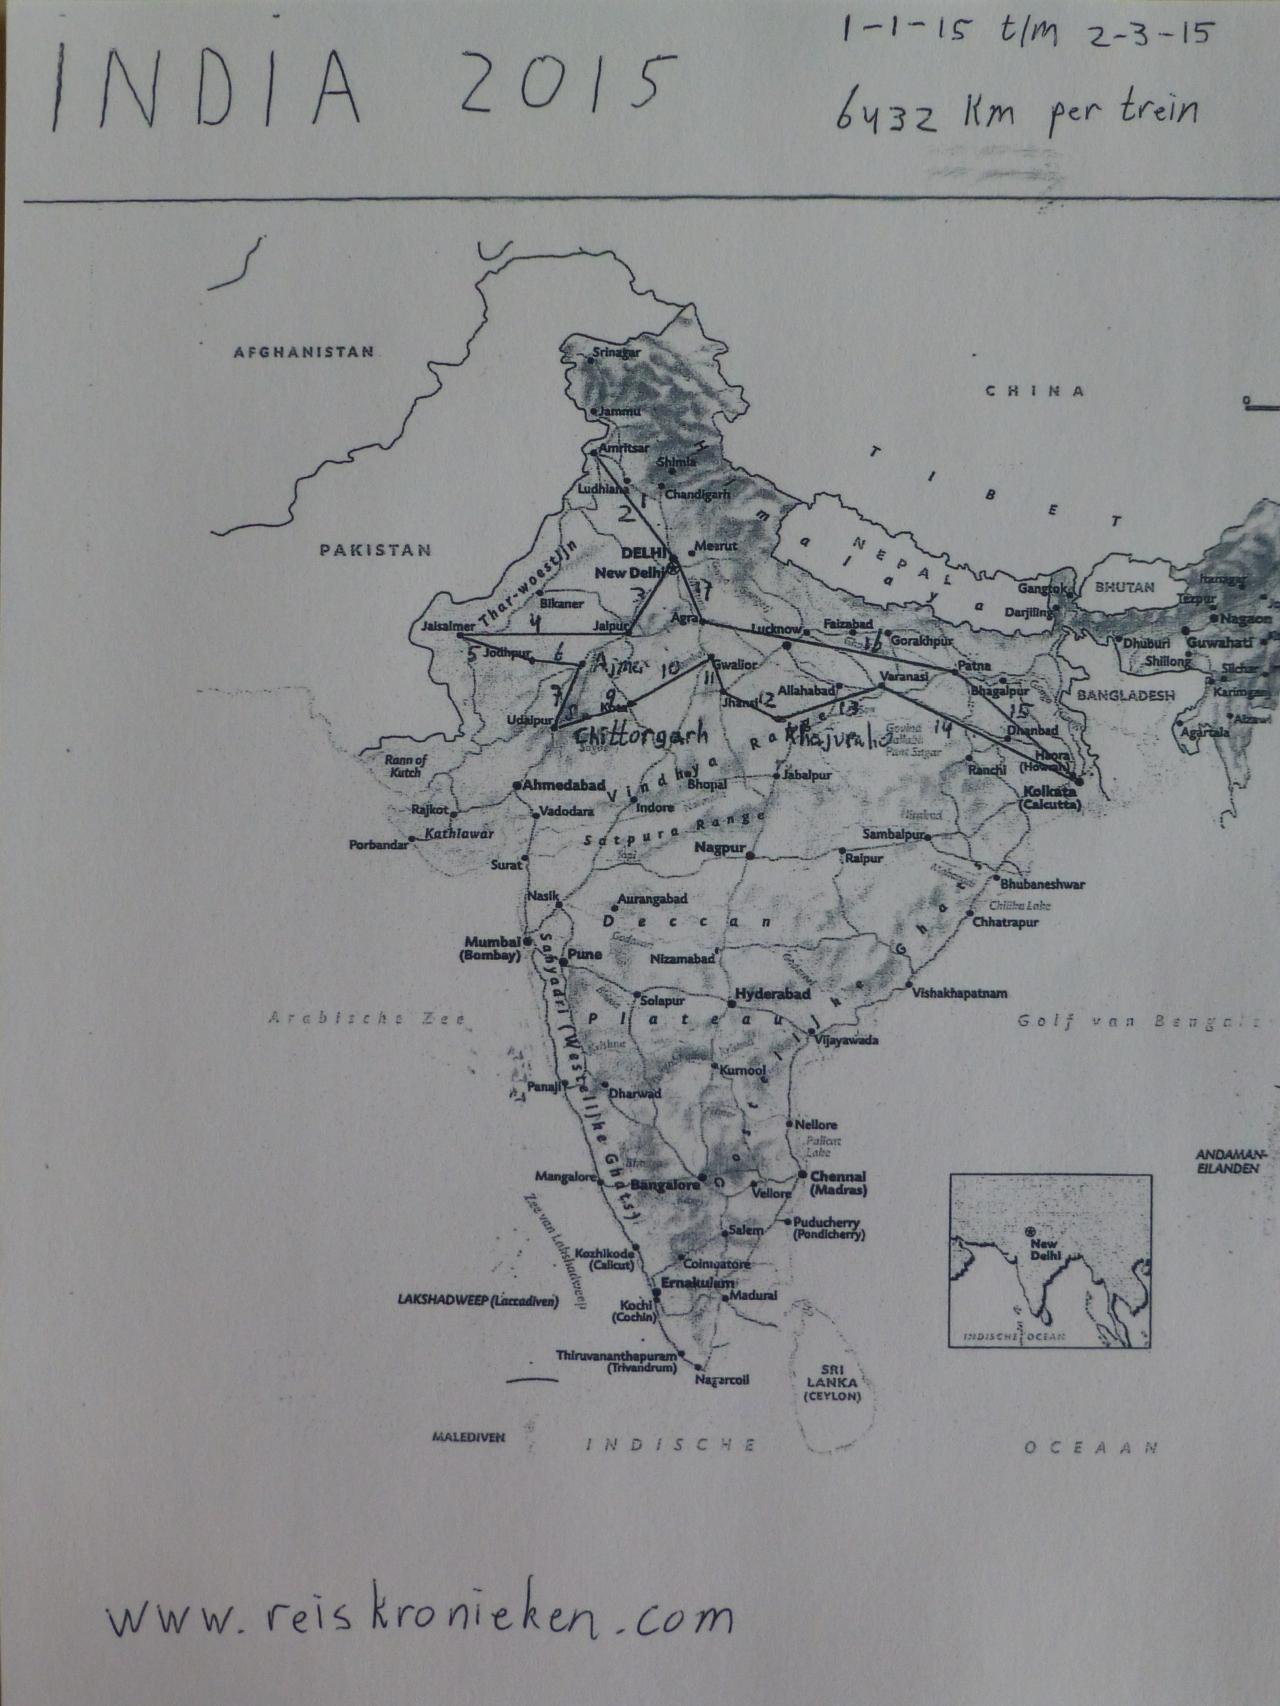 Treinreis India 2015: Route, agenda,etappes